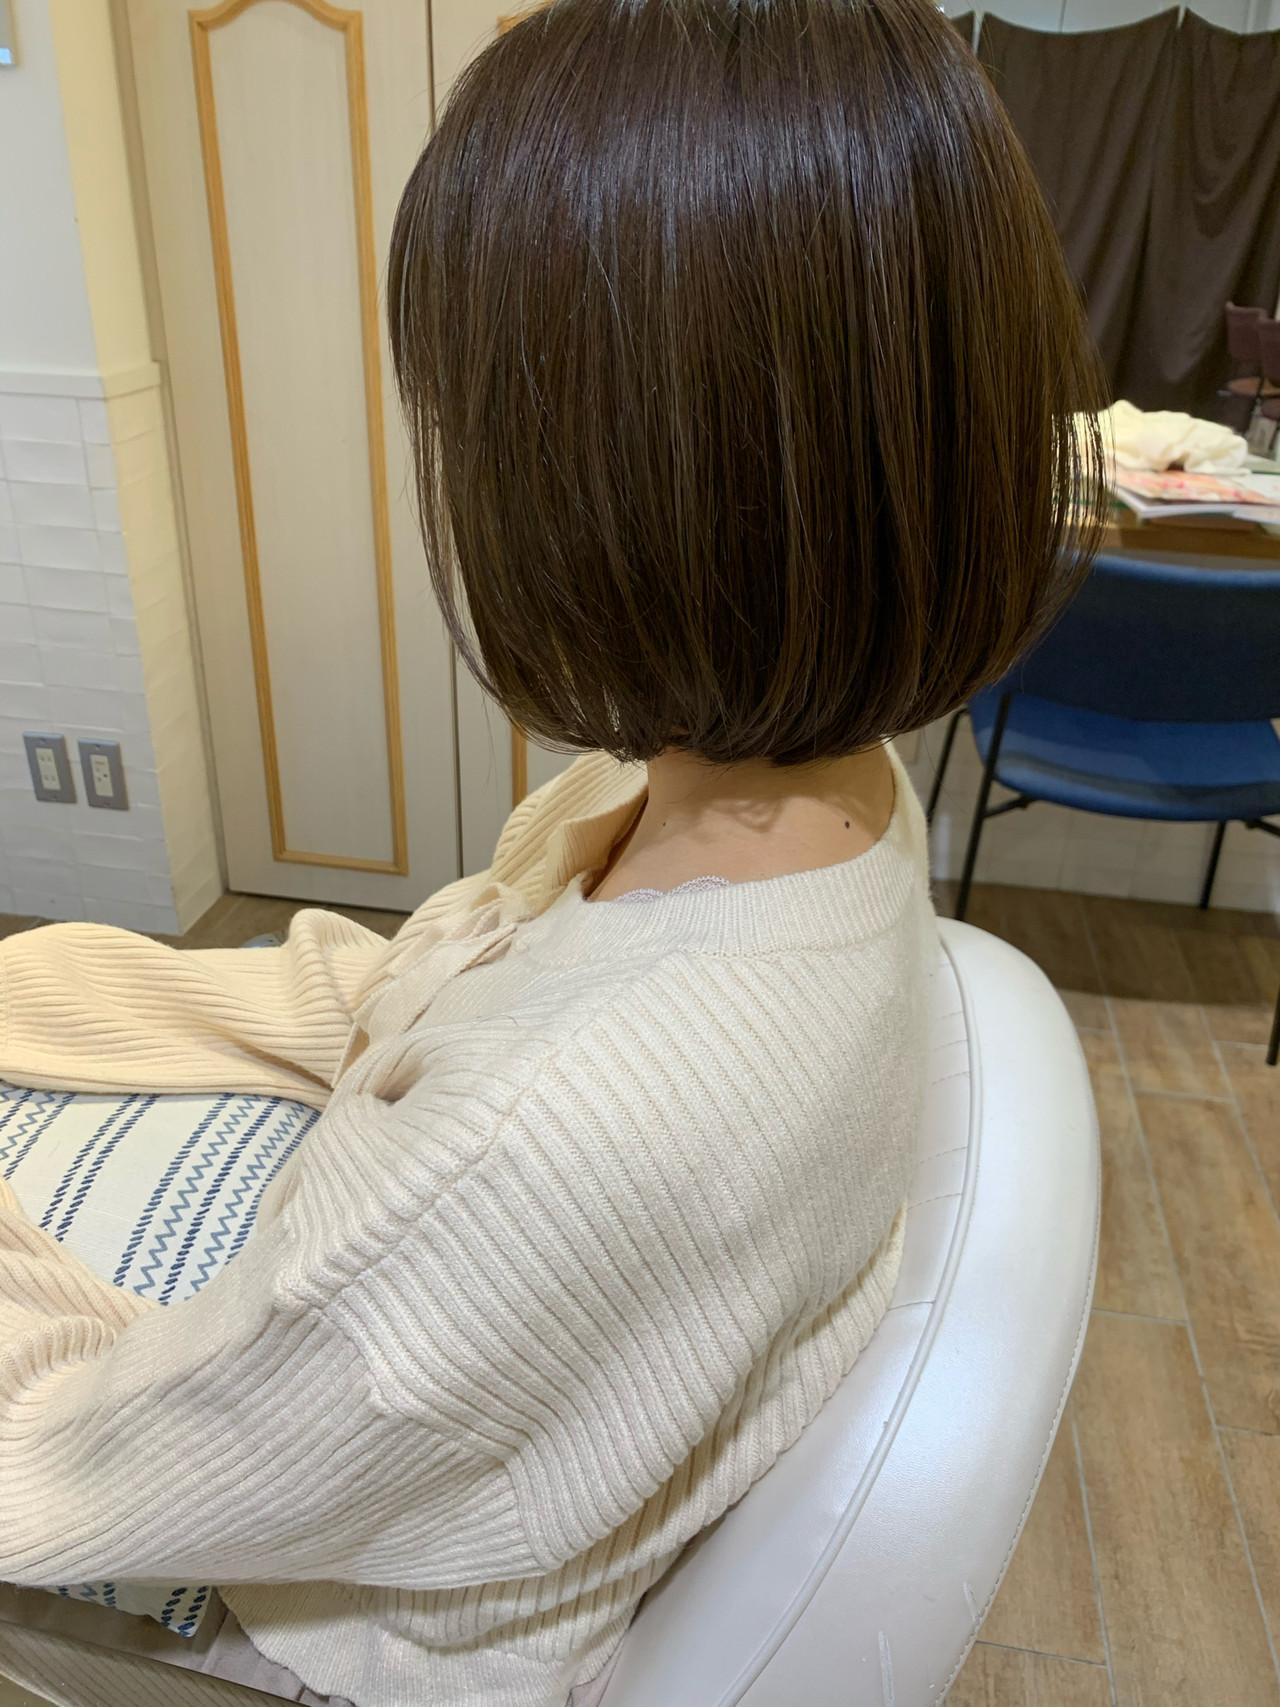 切りっぱなしボブ ナチュラル ボブ ショートボブ ヘアスタイルや髪型の写真・画像 | ヤマキタ トシキ Neolive / Neolive CiroL.